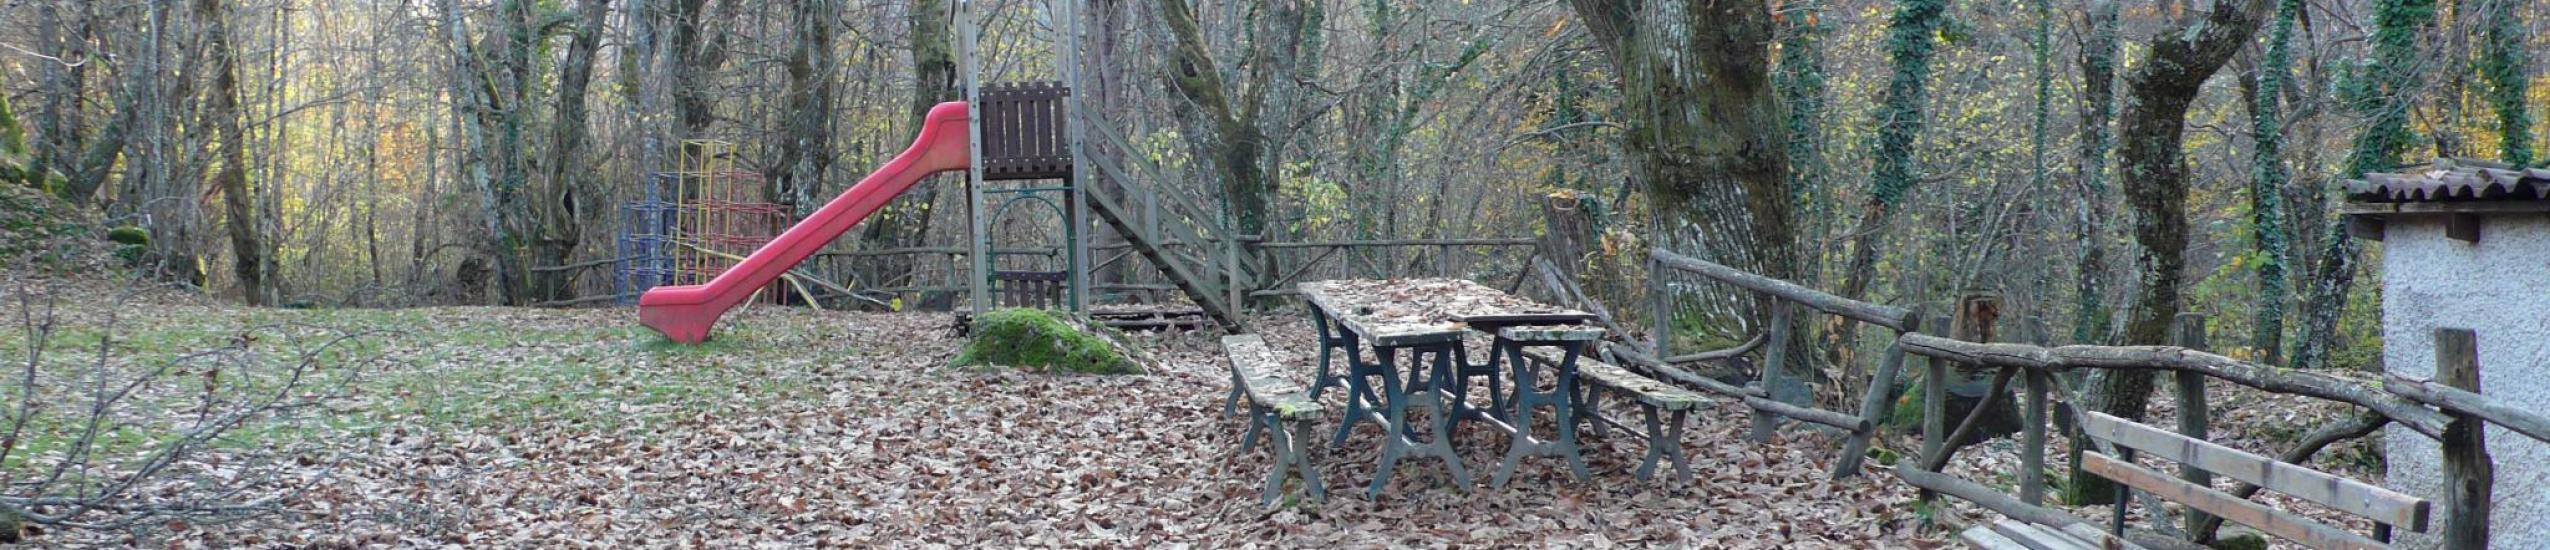 il parco giochi nel bosco